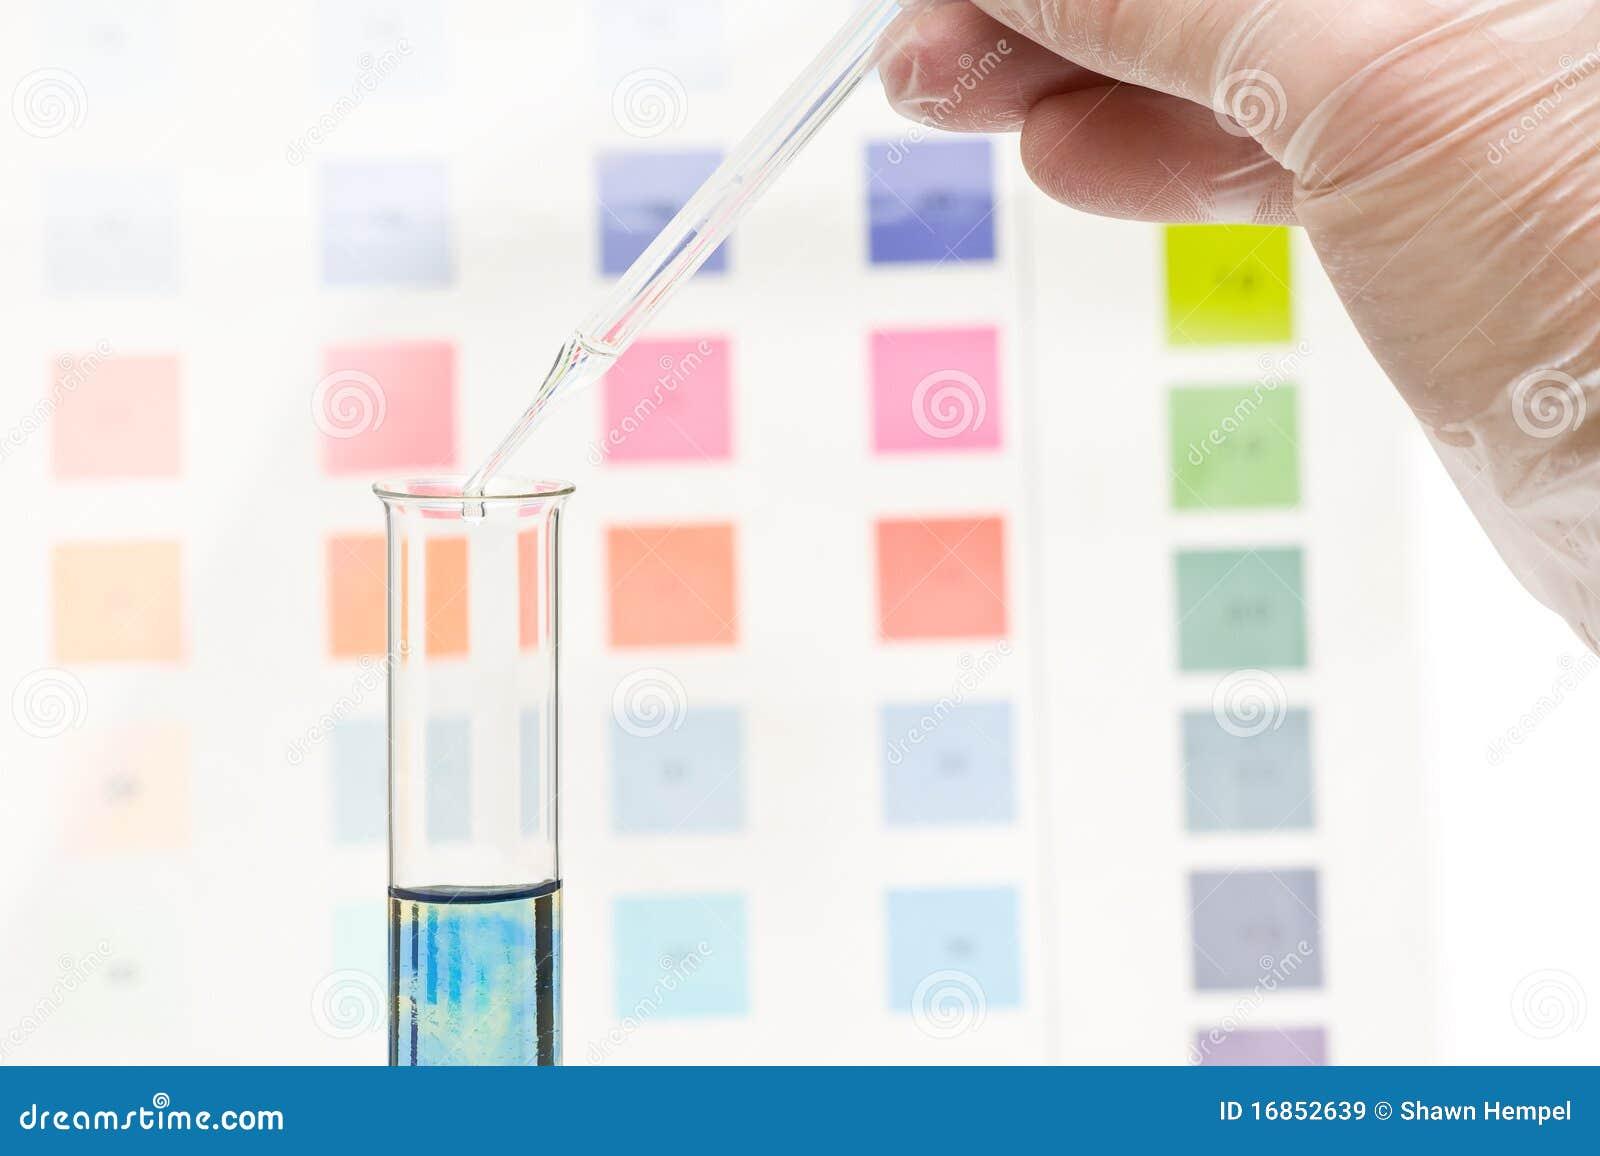 Mudança da cor do teste do PH